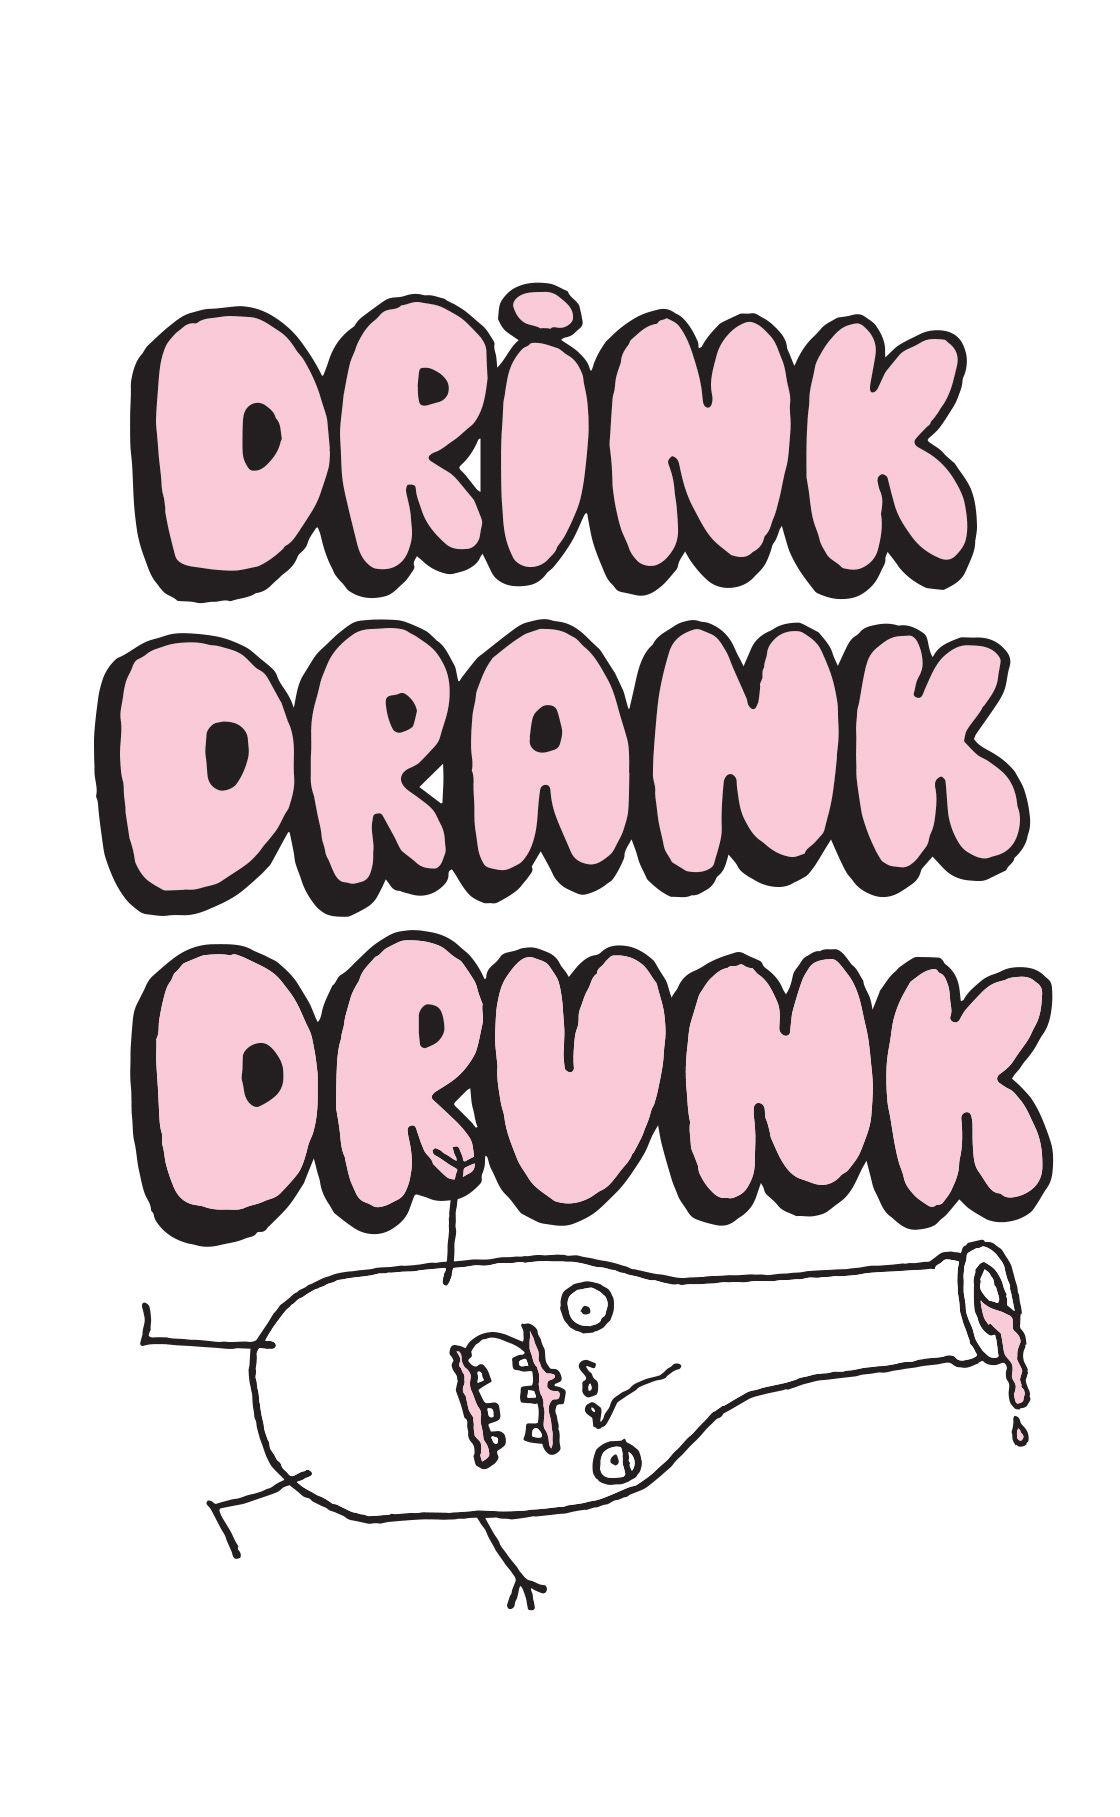 Drink Drank Drunk: The Game of Mis-Beer-Having